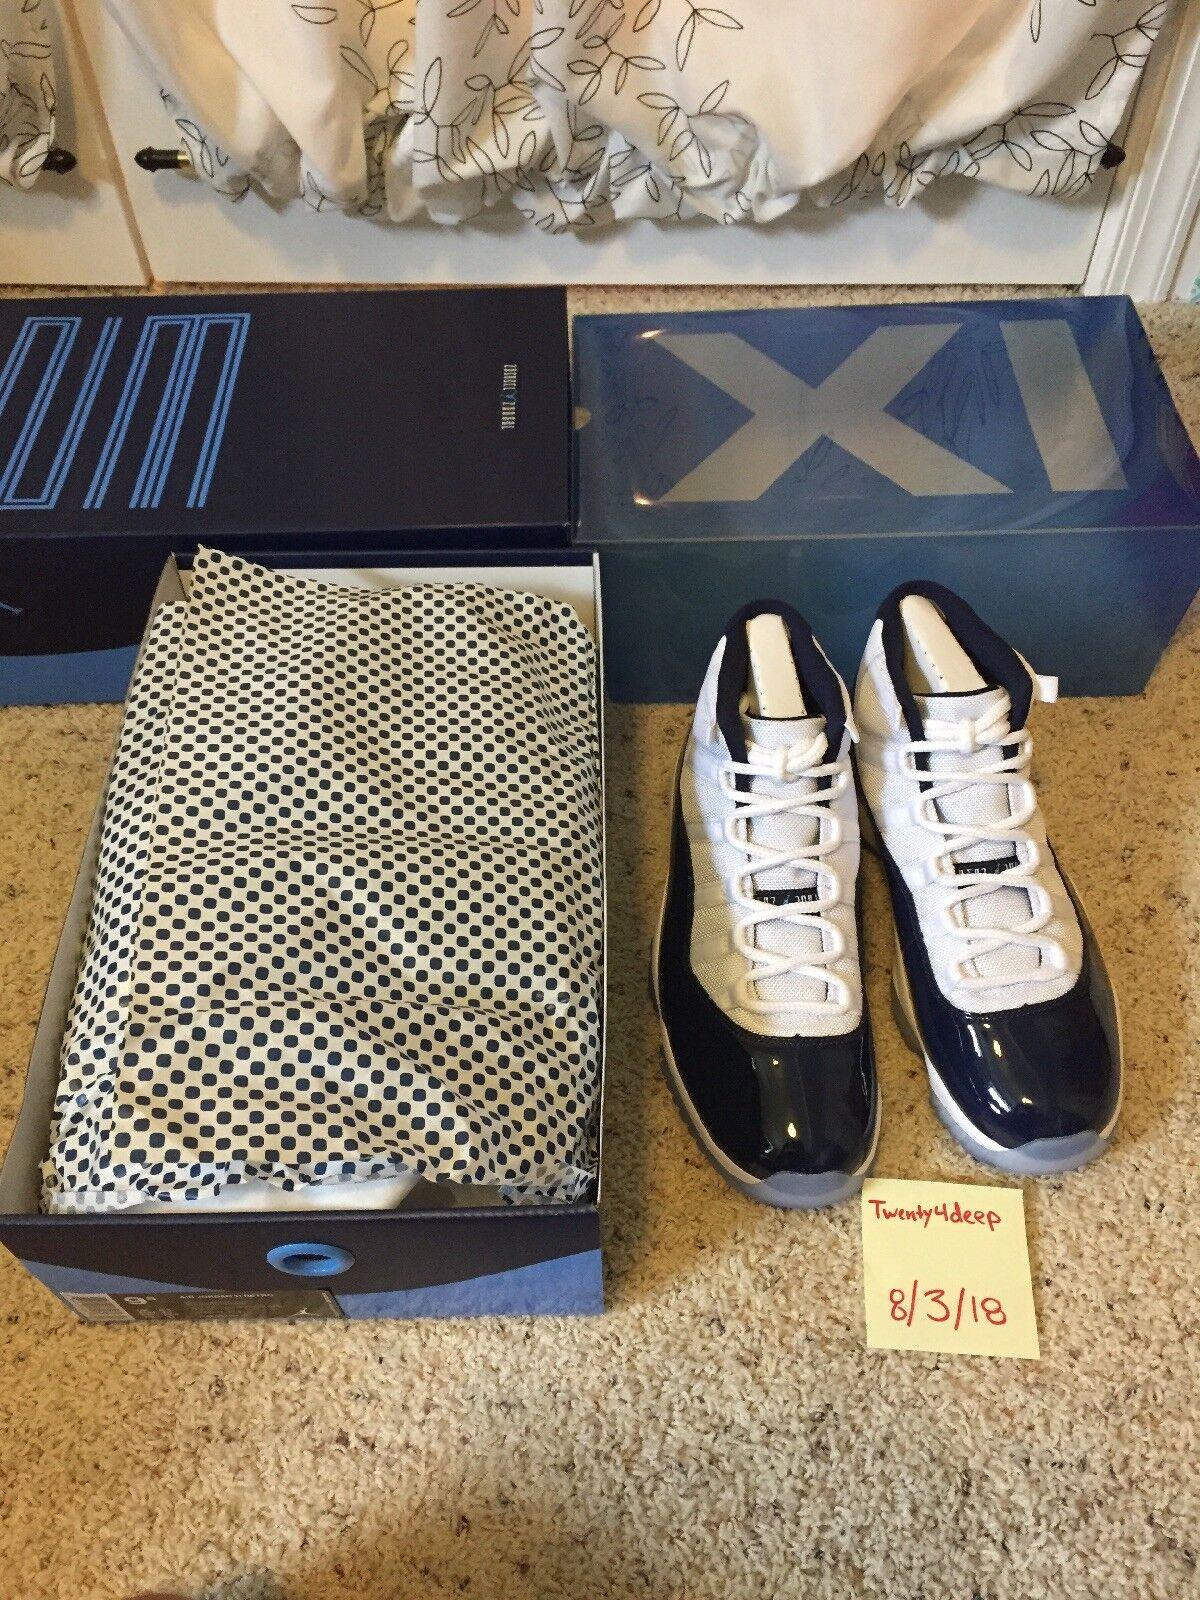 Nike AIR JORDAN 11 WIN LIKE '82 White/University Blue 378037 123 Men's Sz 9.5